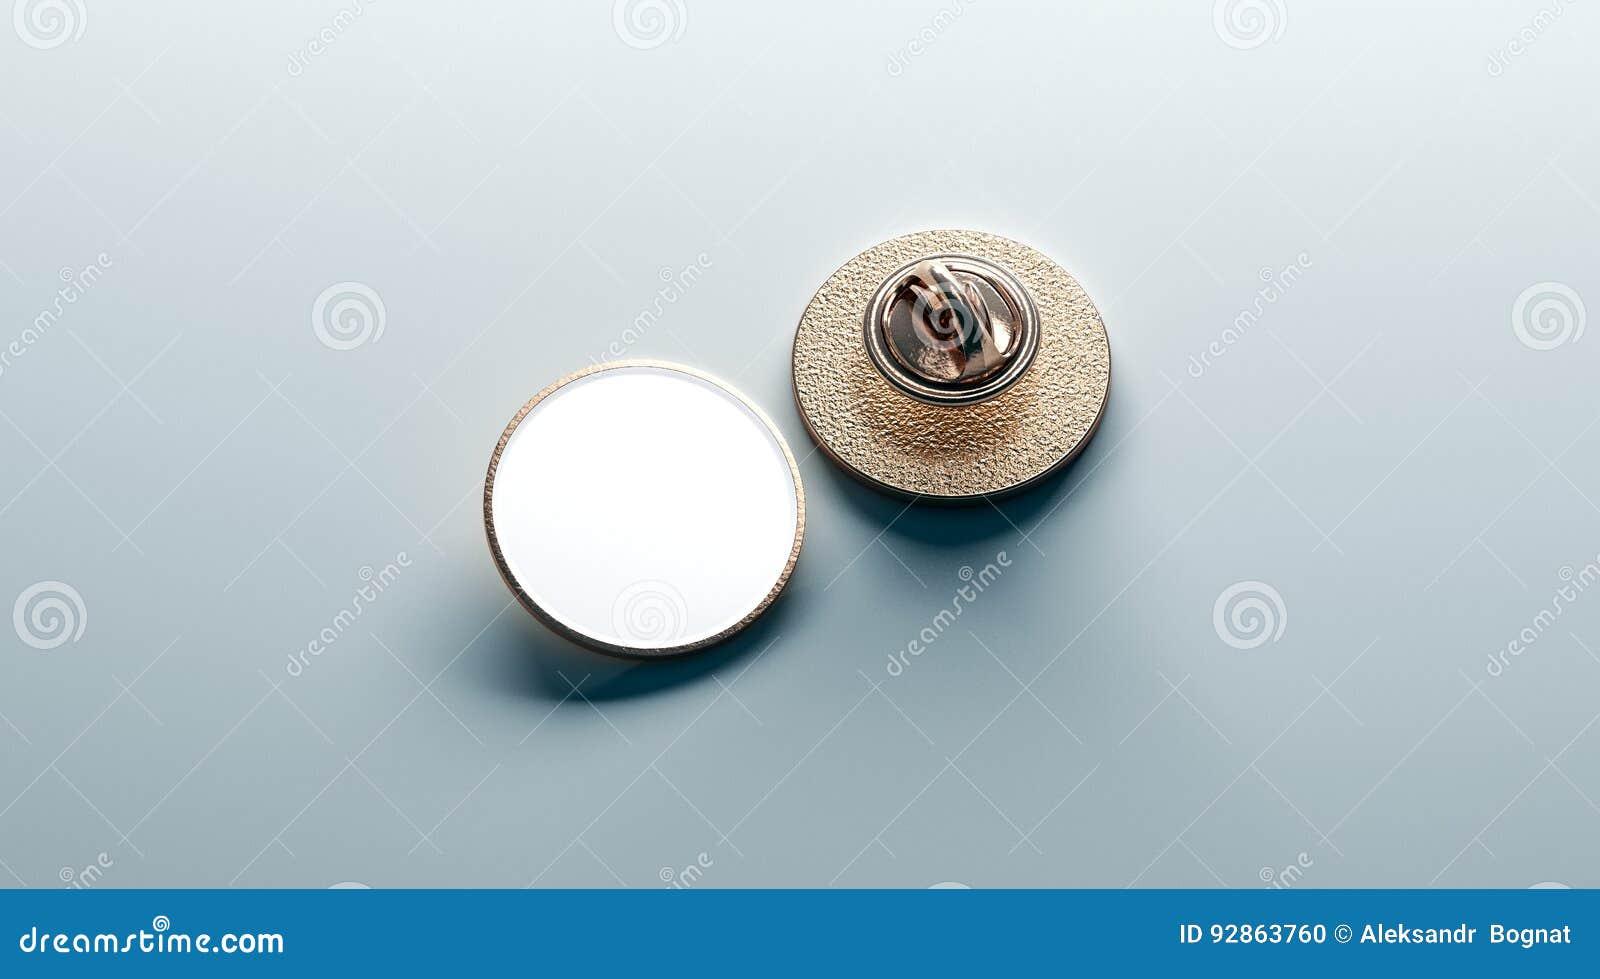 Pusty biały round złocisty lapel odznaki egzamin próbny up, stać na czele z powrotem